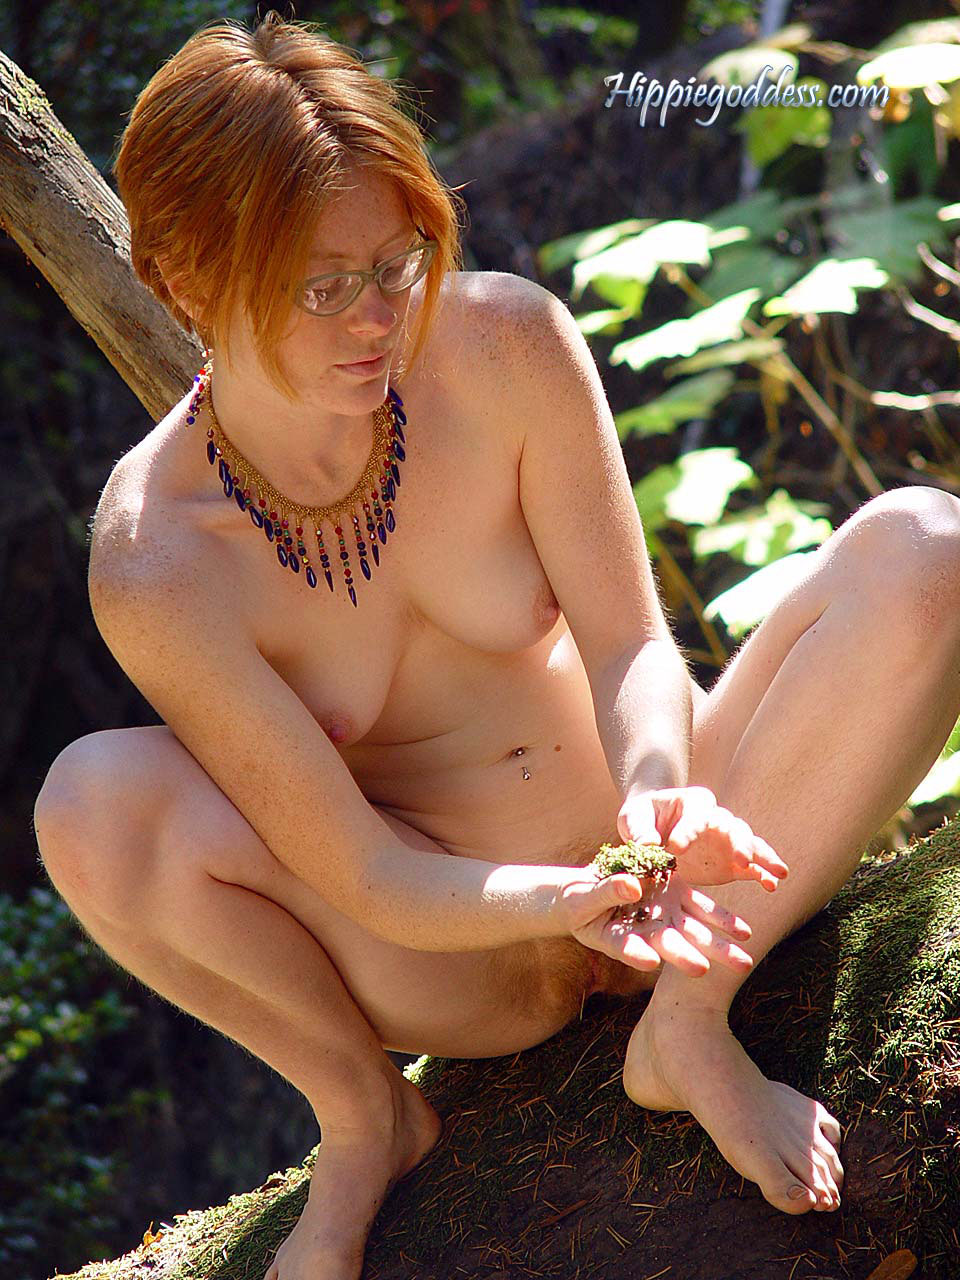 Sex hippie